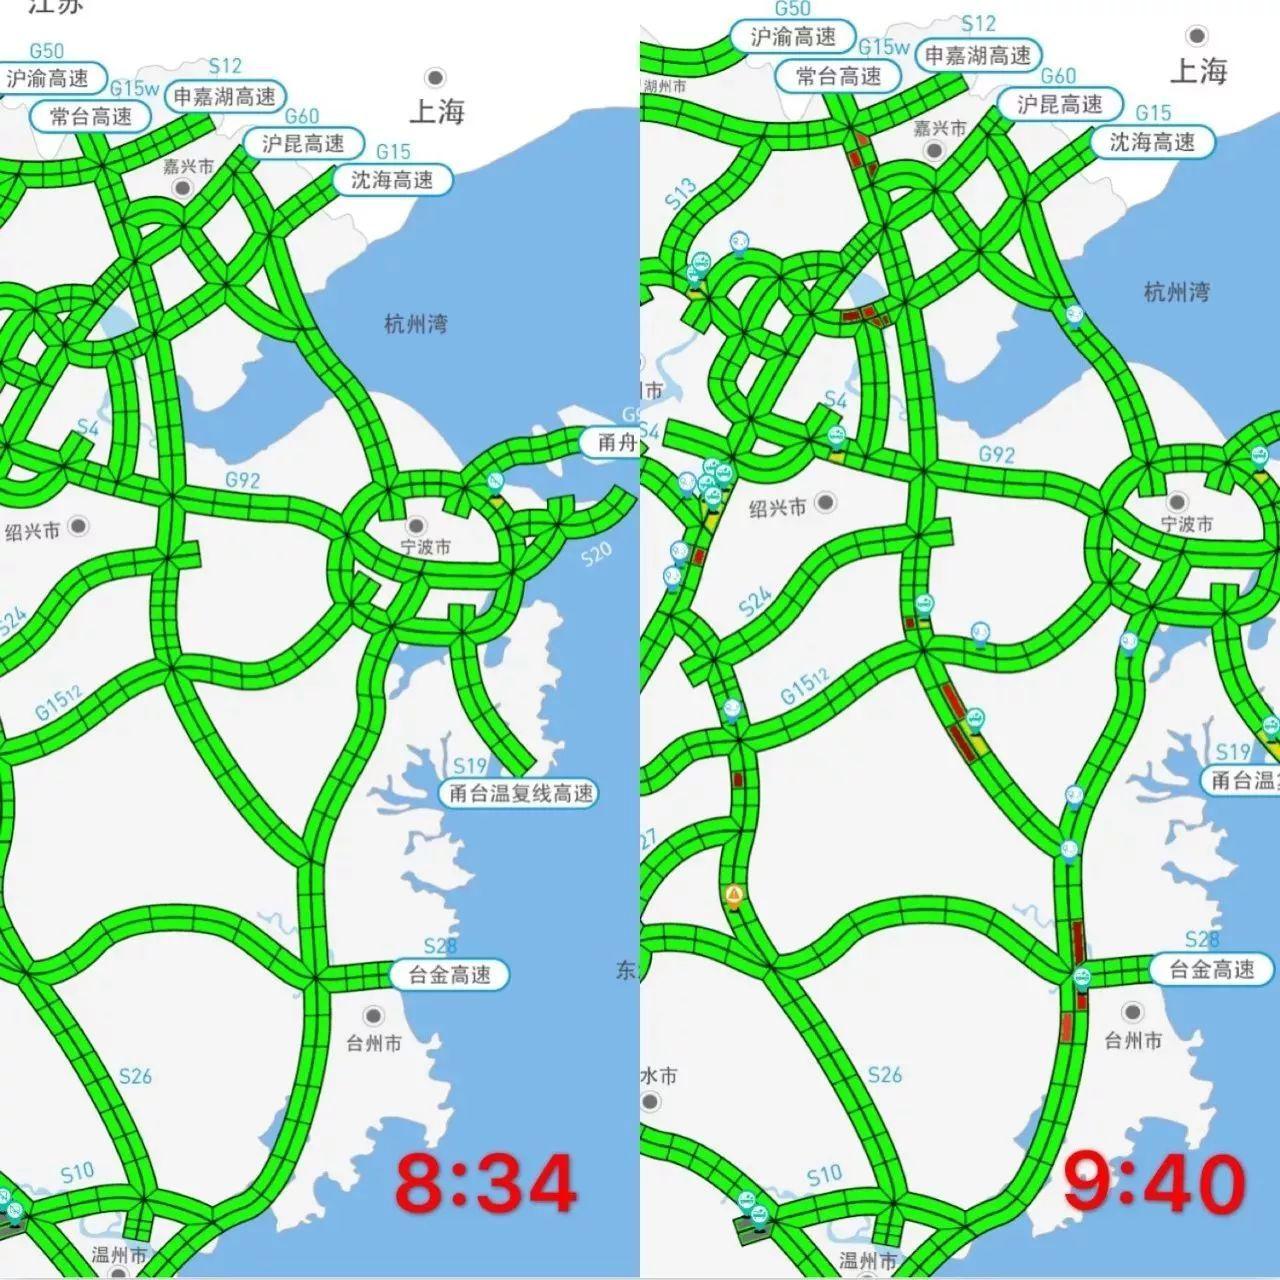 g1512甬金高速往宁波方向,g15沈海高速(杭州湾跨海大桥及连接线)往